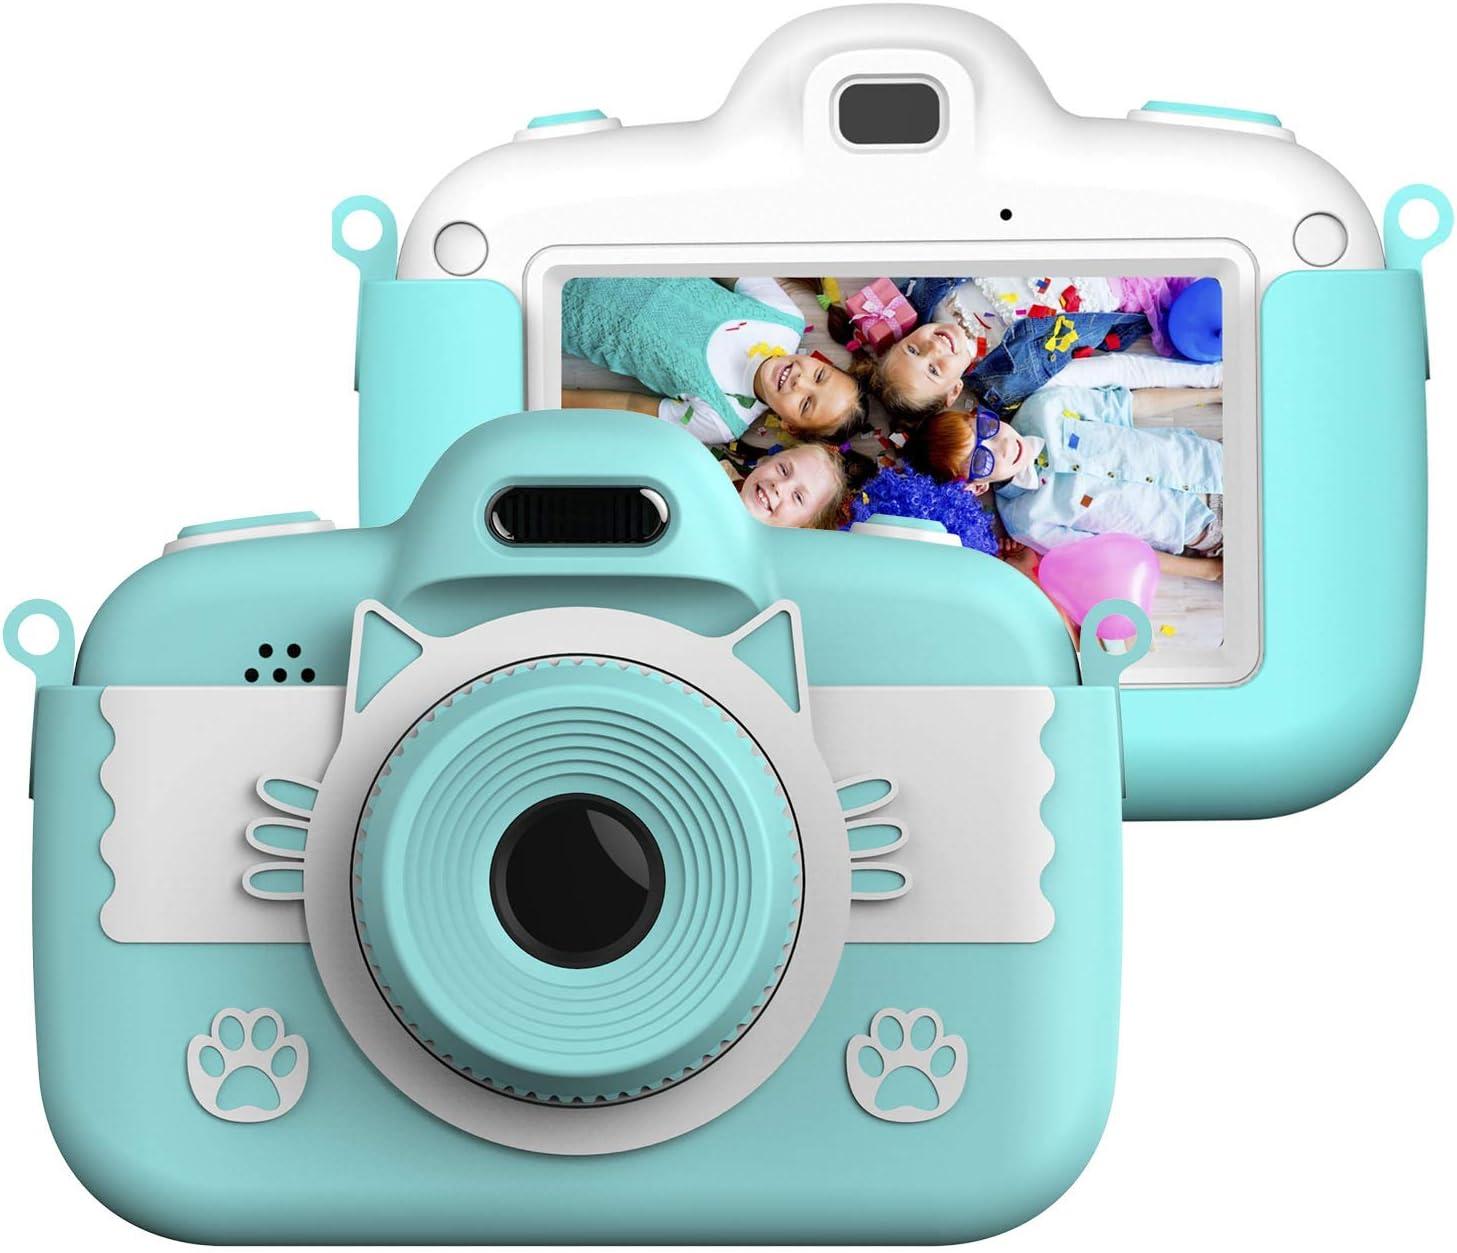 Vannico Camara de Fotos para Niños, Camara Fotos Infantil 8 MP 3 Inch Pulgadas Táctil Juego Vídeo con Tarjeta TF 16GB Niños Regalos Cumpleaños Navidad (Azul): Amazon.es: Electrónica